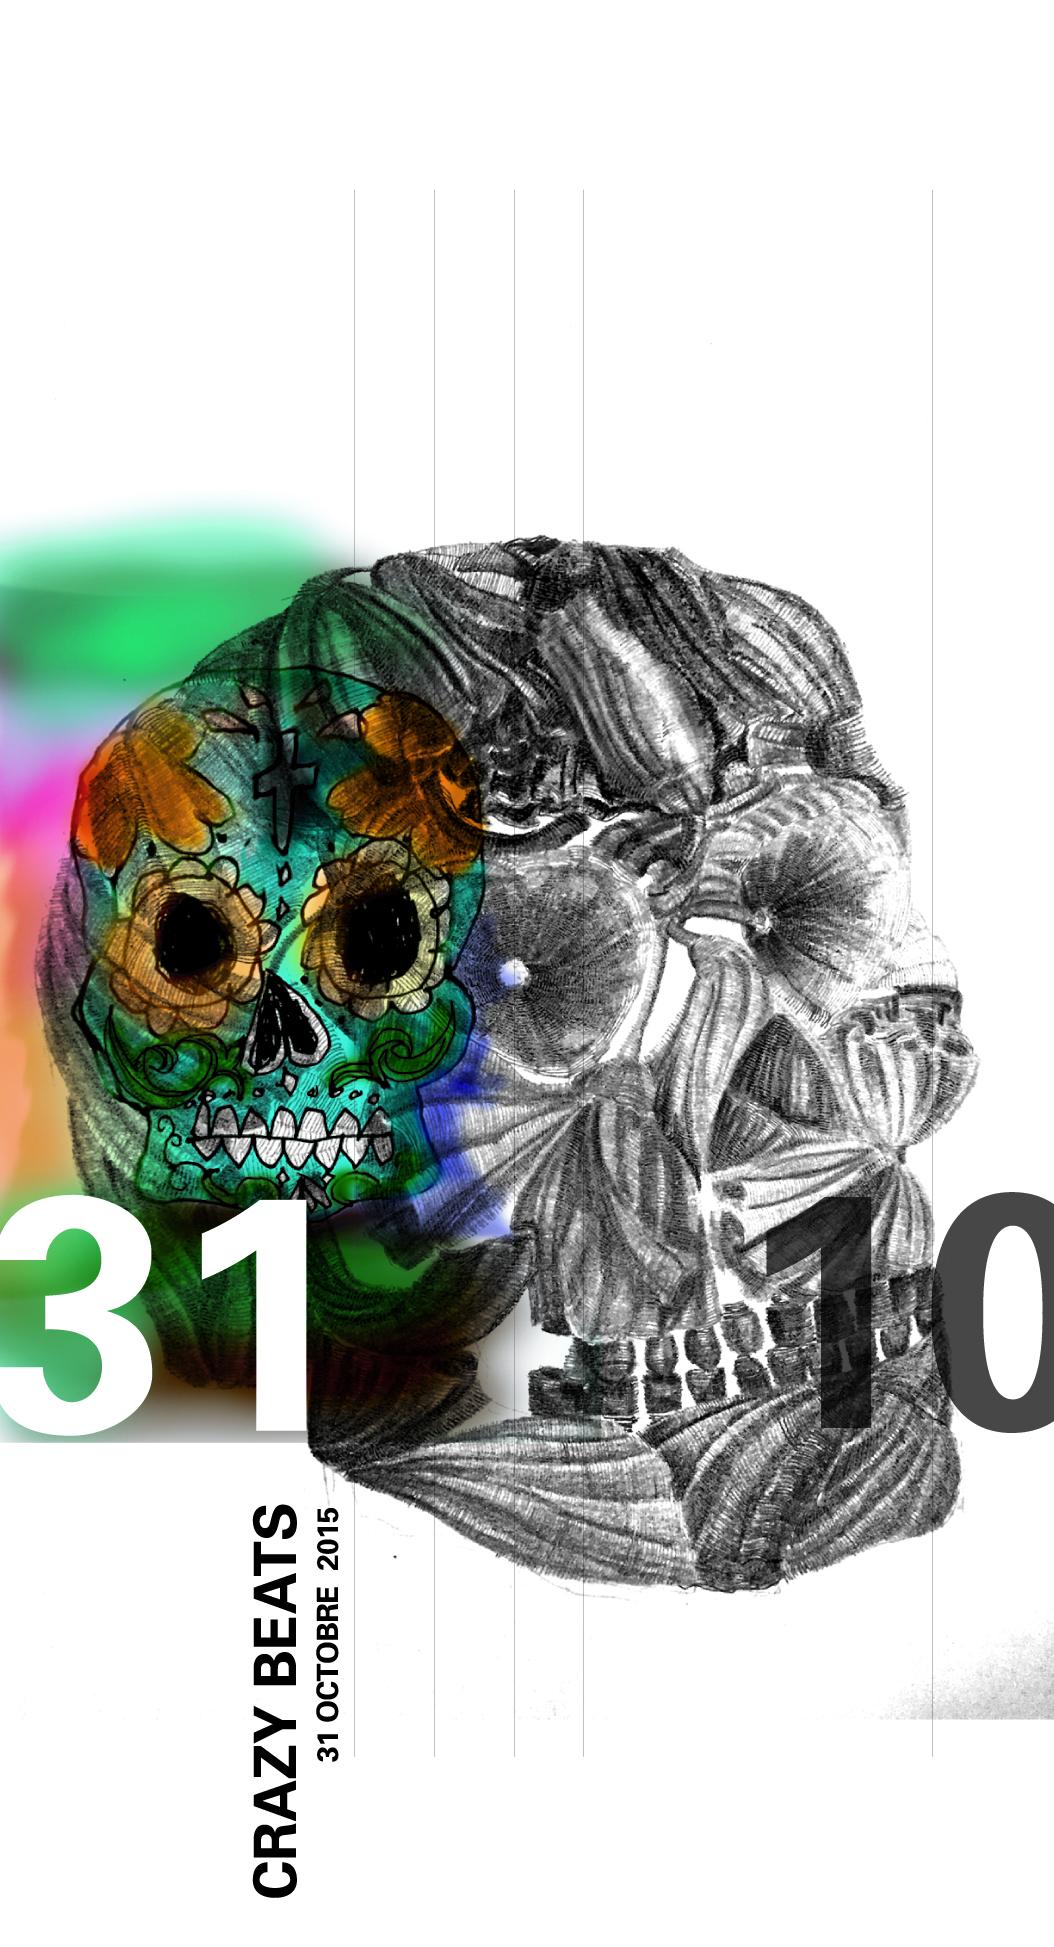 graphisme Crazy beats pour insertion nouma